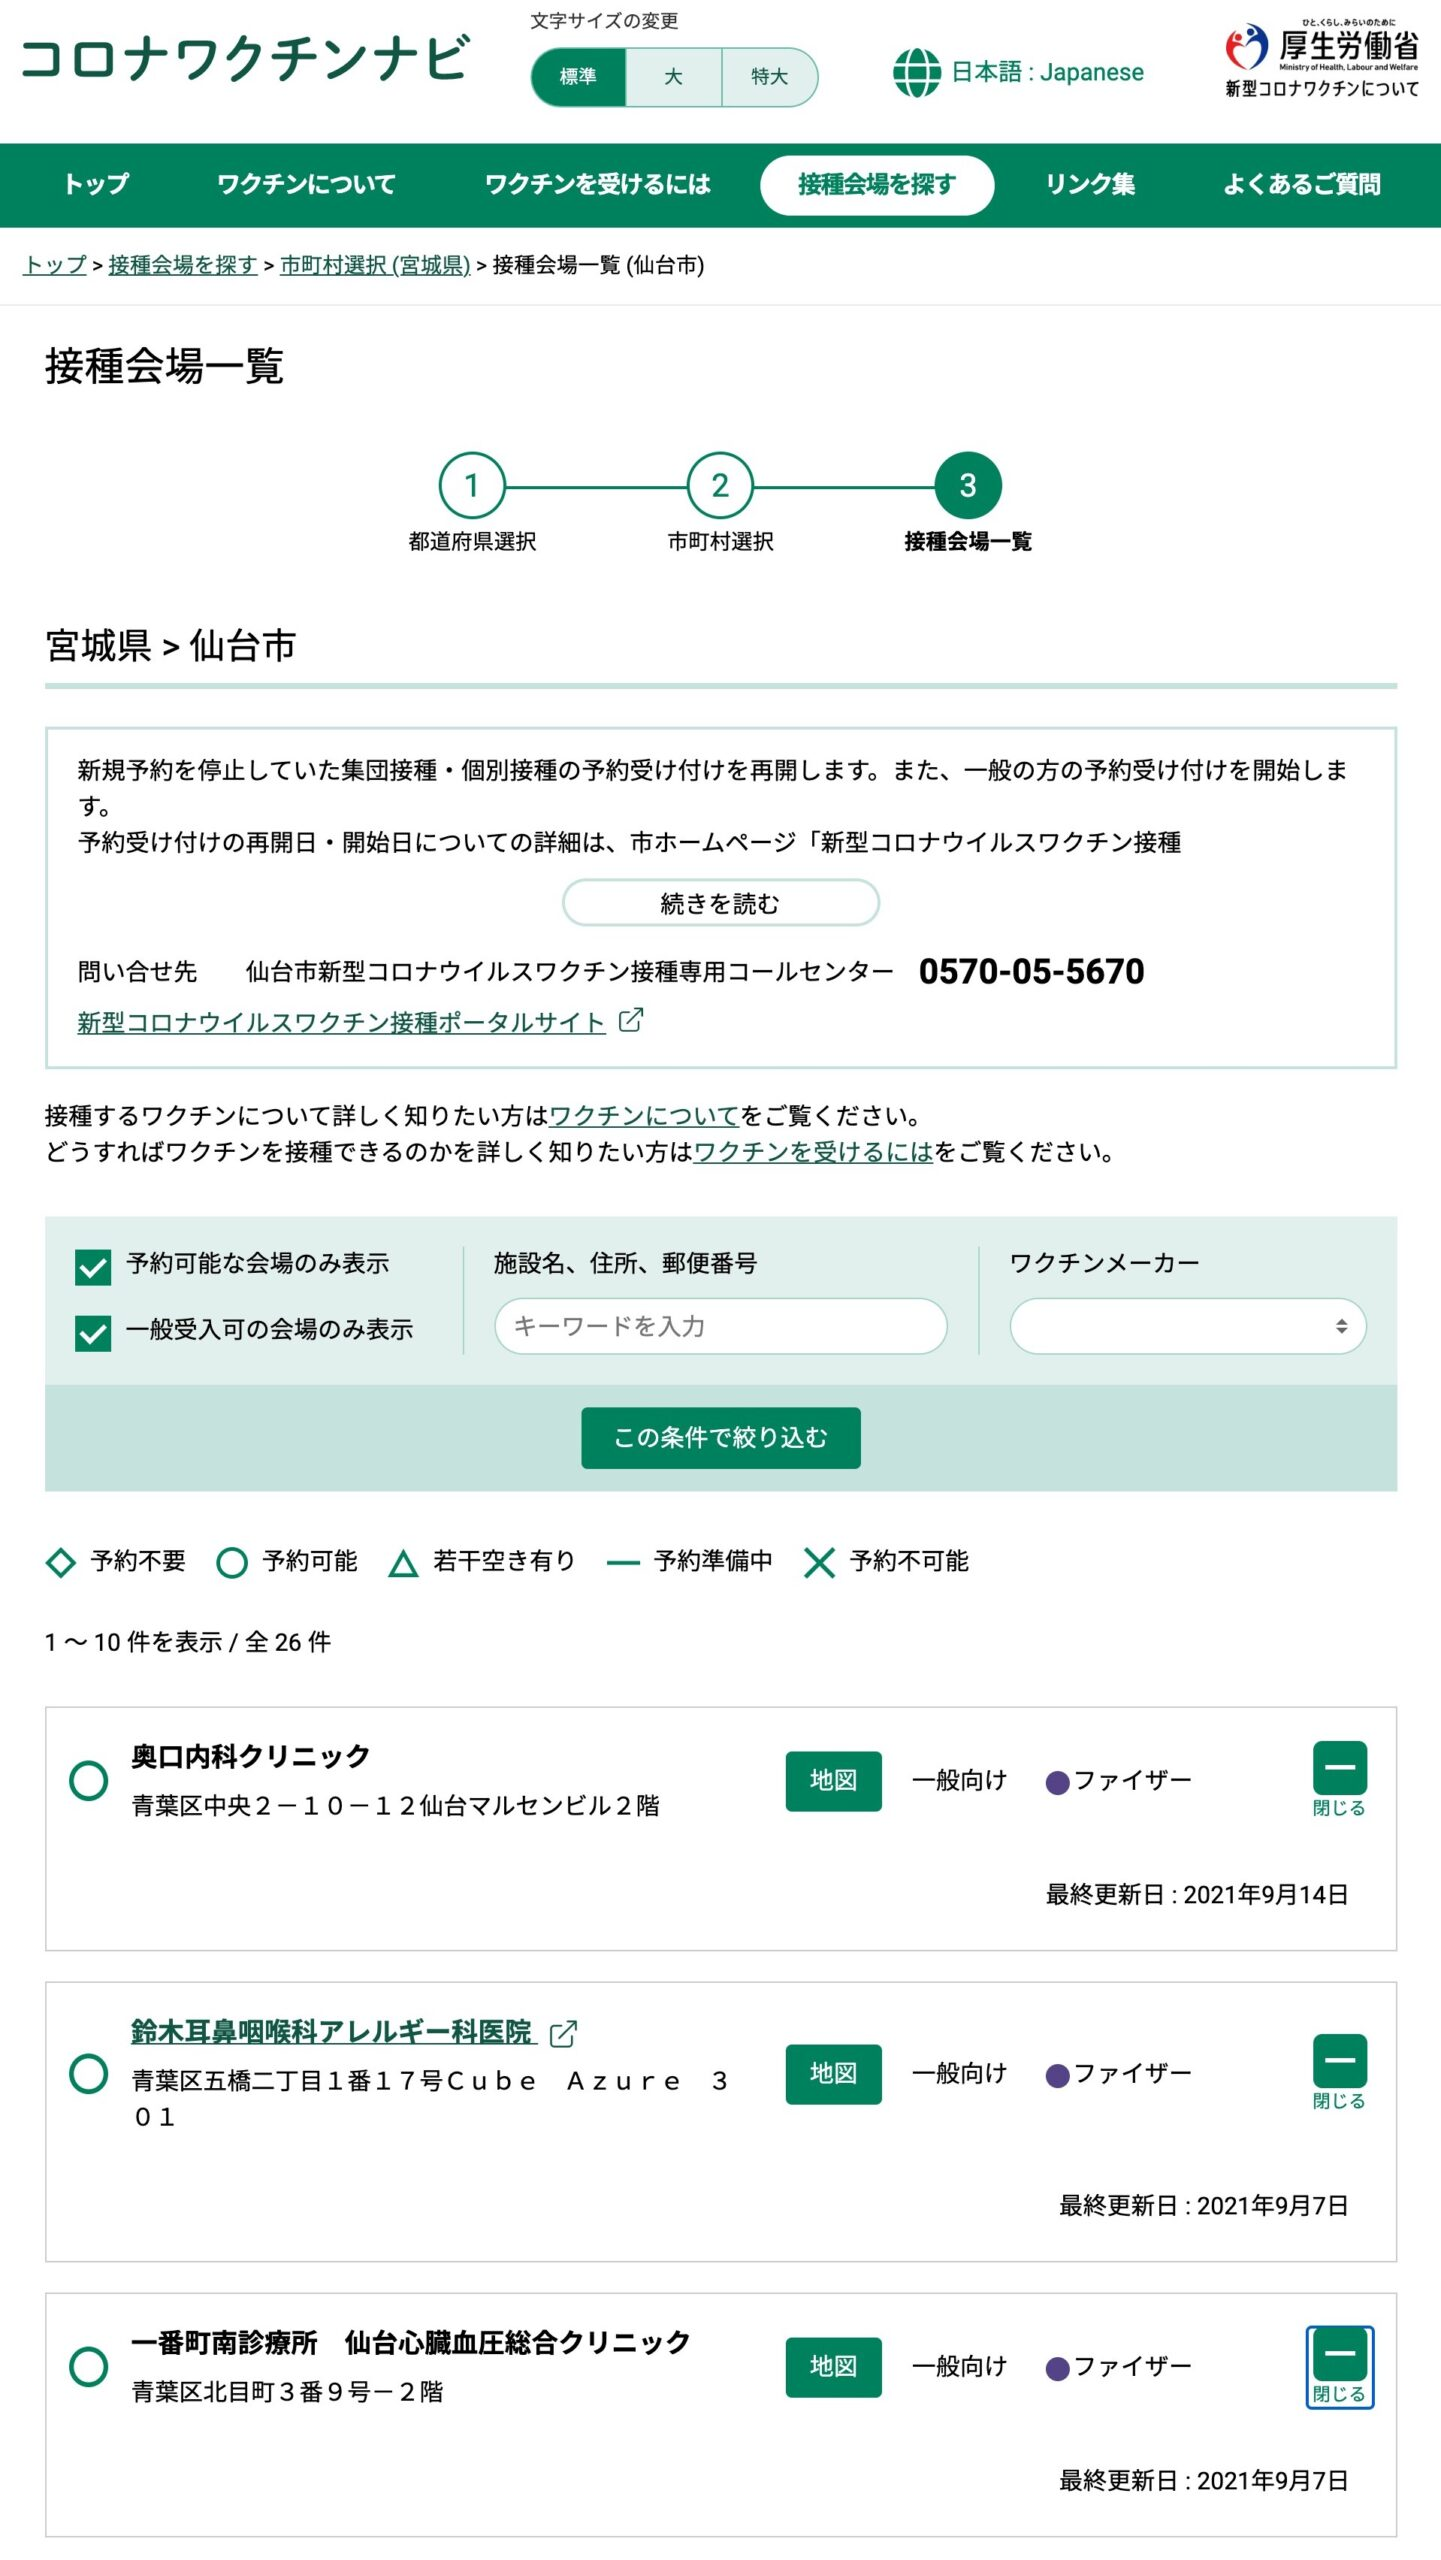 接種會場一覧-接種会場を探す-コロナワクチンナビ-厚生労働省-v-sys.mhlw.go.jp